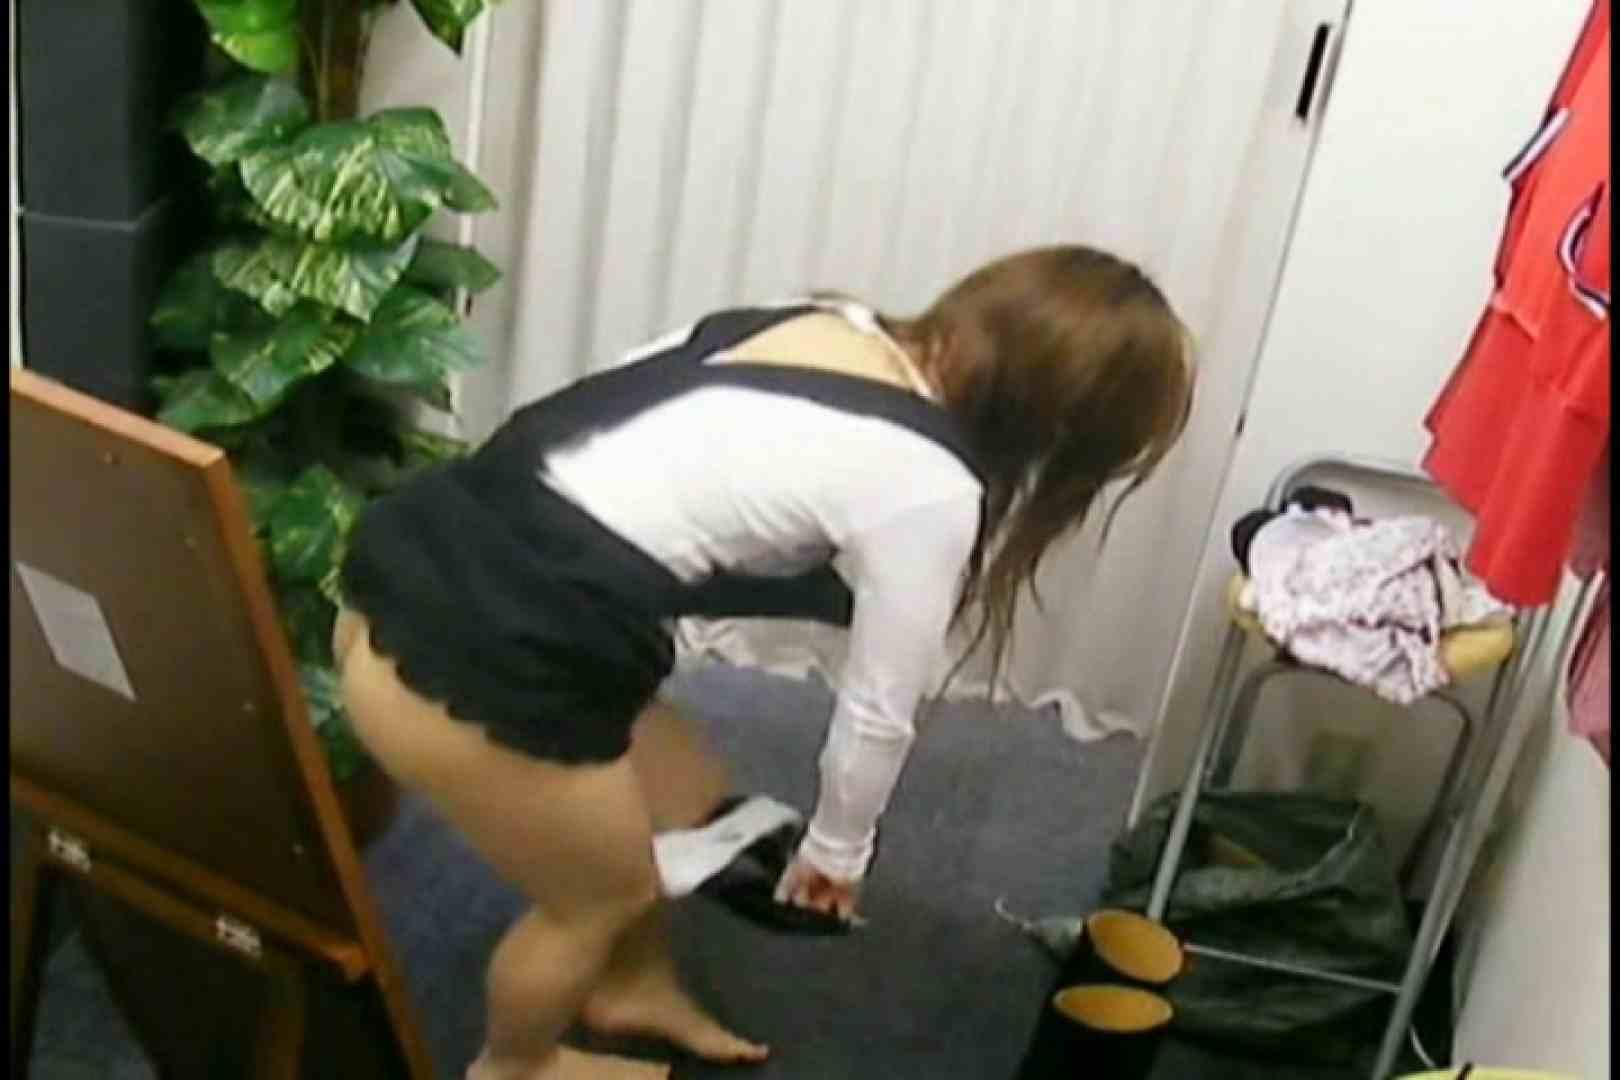 素人撮影 下着だけの撮影のはずが・・・ よしこ23歳 女子着替え | 素人  85pic 4